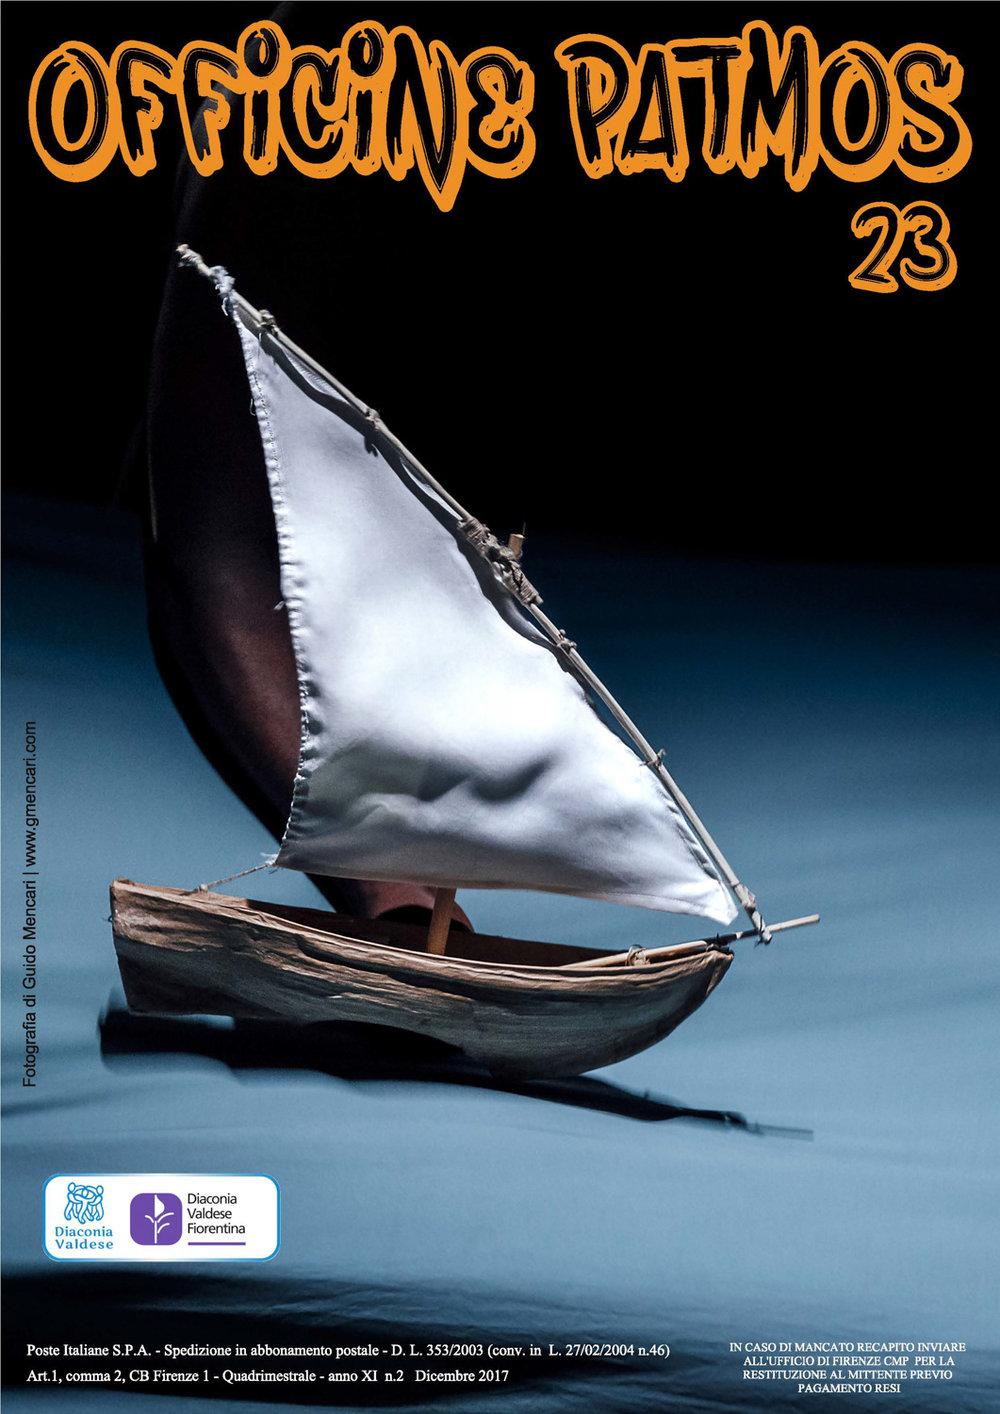 MigrAzioni#Scandicci Zaches Teatro   Sandokan    Magazine cover   Officine Patmos, 2017